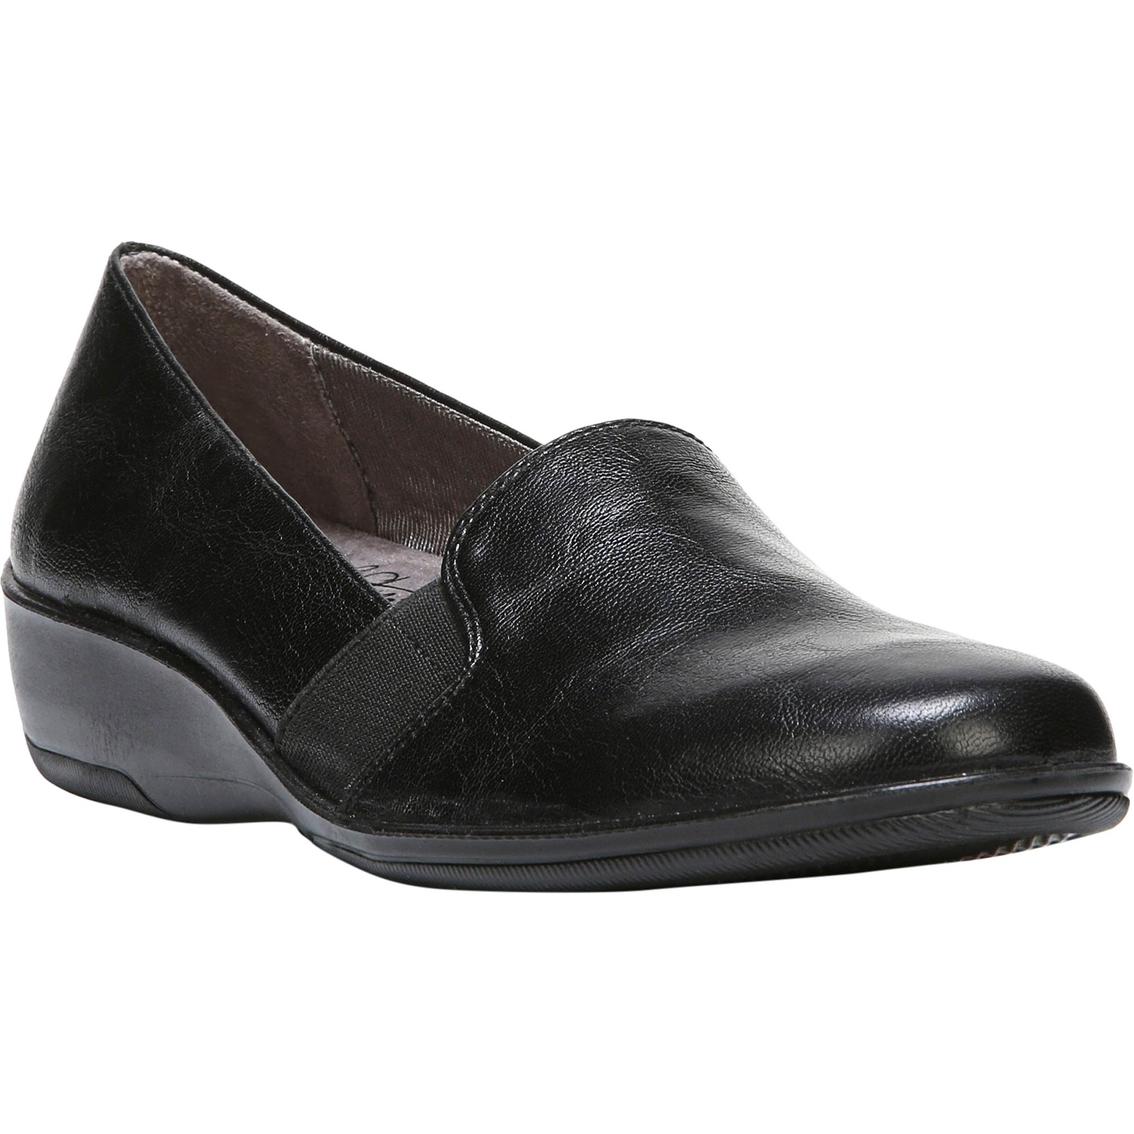 109af3c915d Lifestride Isabelle Casual Wedge Loafers